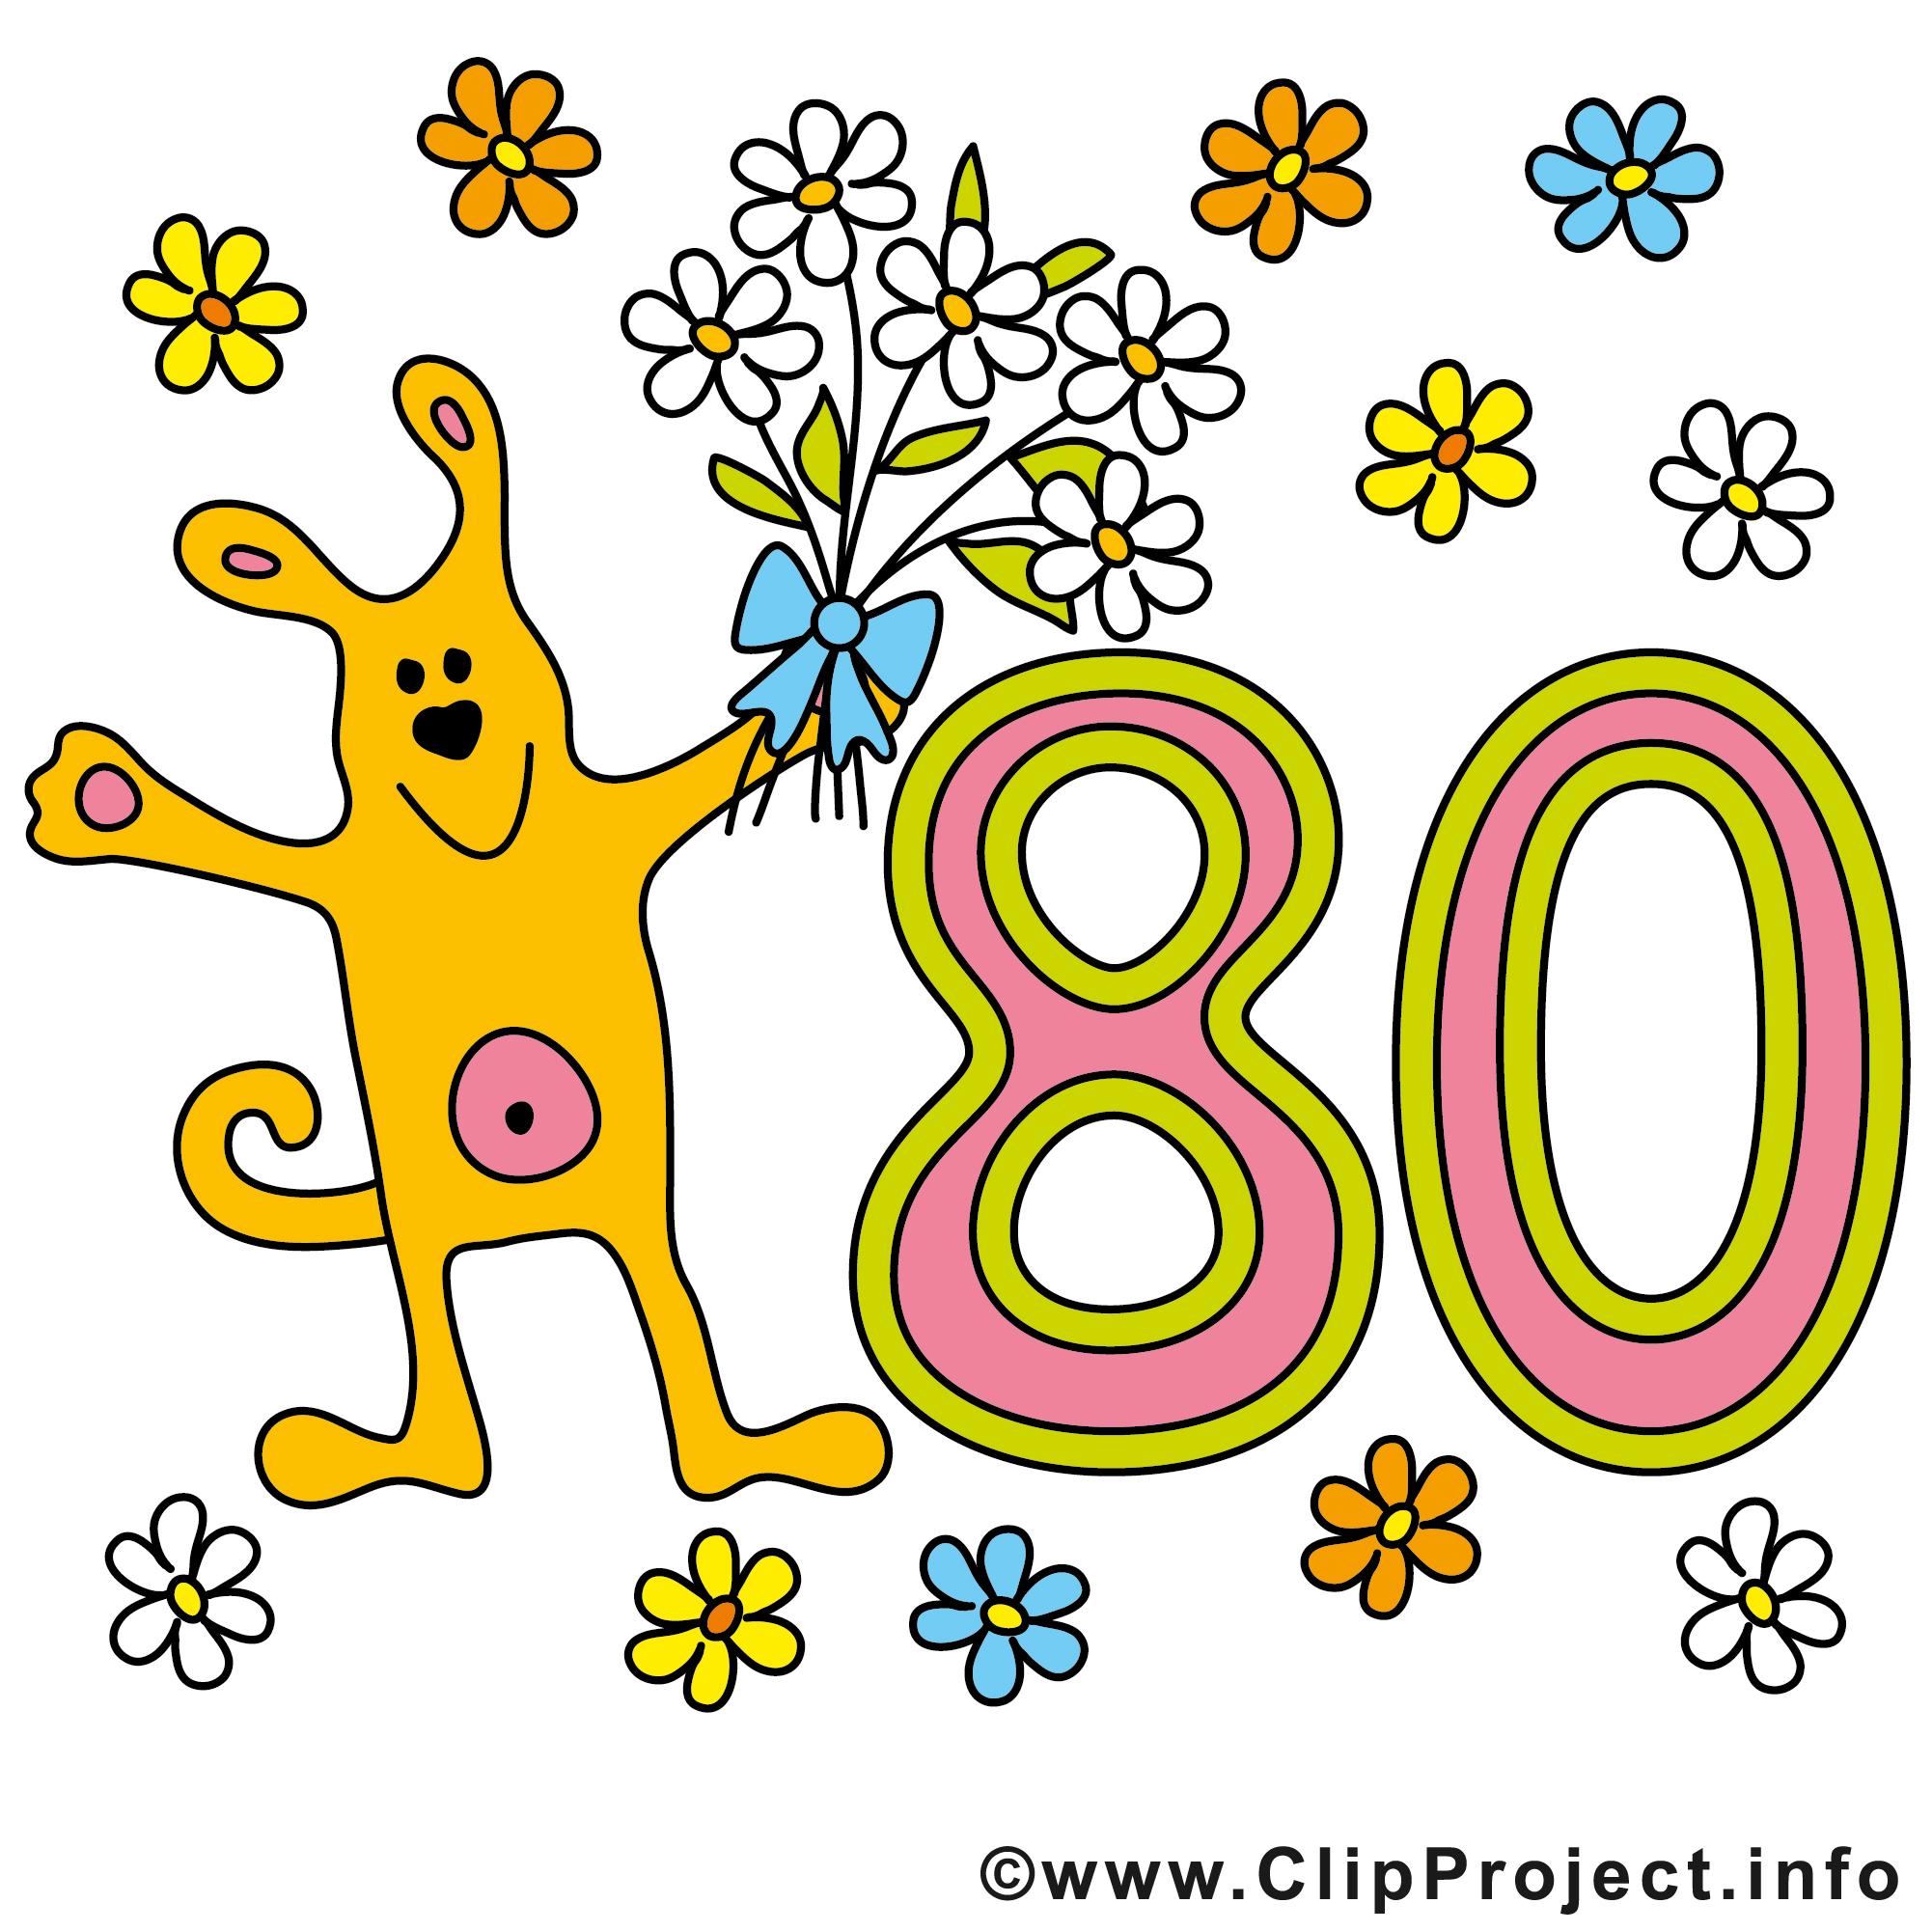 80 ans clipart clipart royalty free library Chien 80 ans images – Anniversaire dessins gratuits - Anniversaire ... clipart royalty free library